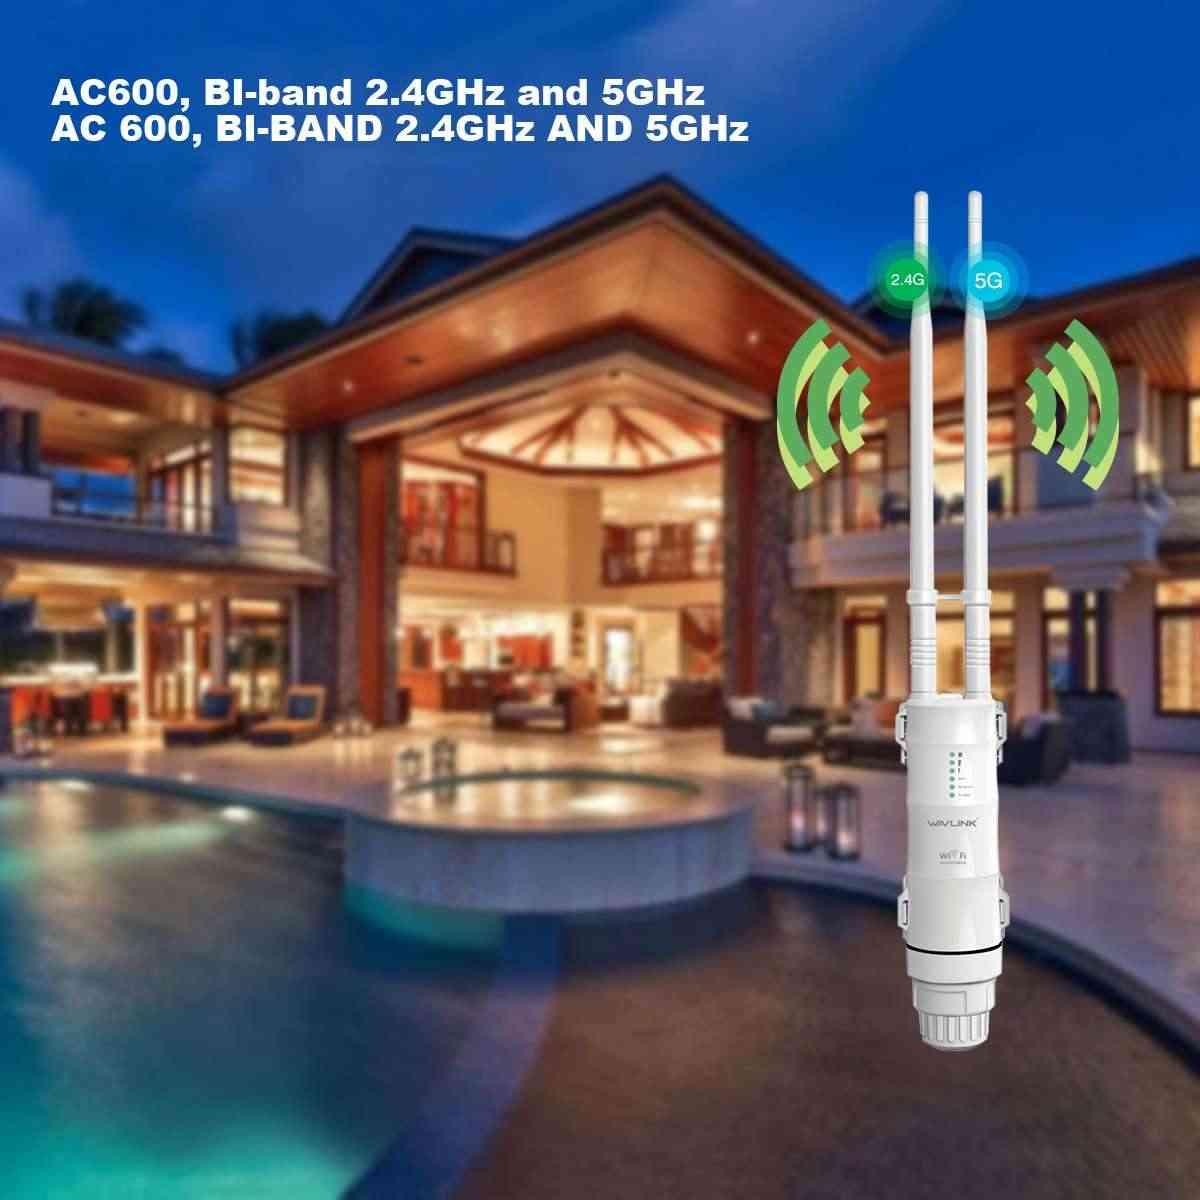 Wavlink AC600 27dBm Wifi Extender גבוהה כוח חיצוני Wifi משחזר 2.4G/150Mbps + 5 GHz/433 300mbps Wireless Wifi נתב עם WISP